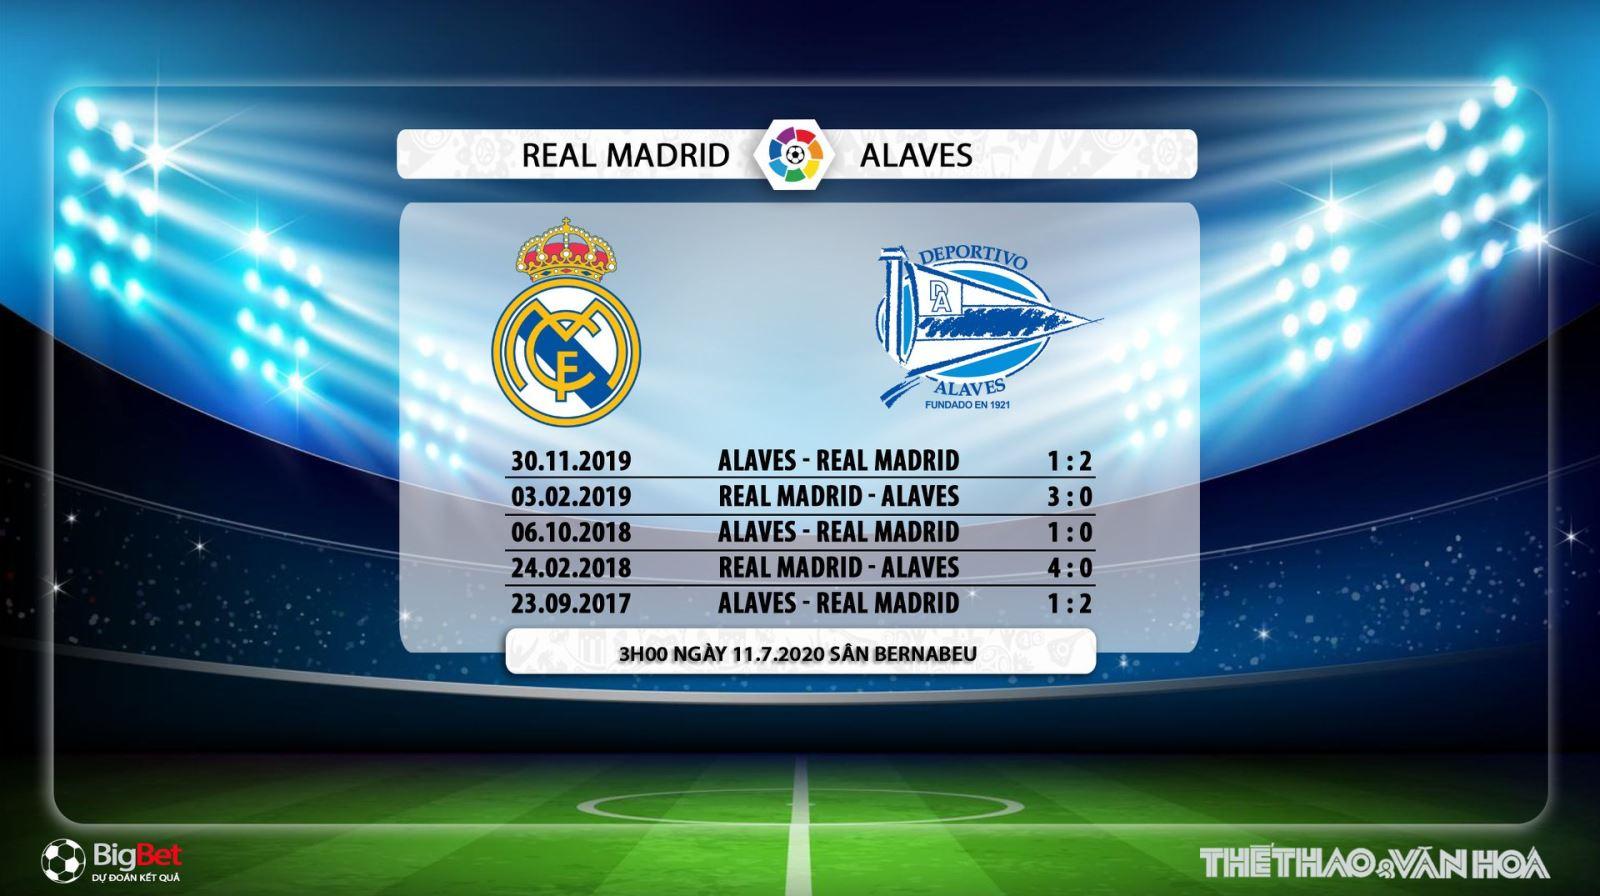 Real Madrid vsAlaves, trực tiếp Real Madrid vsAlaves, lịch thi đấu bóng đá hôm nay, soi kèo, kèo bóng đá, soi kèo Real Madrid vsAlaves, Real Madrid, Alaves